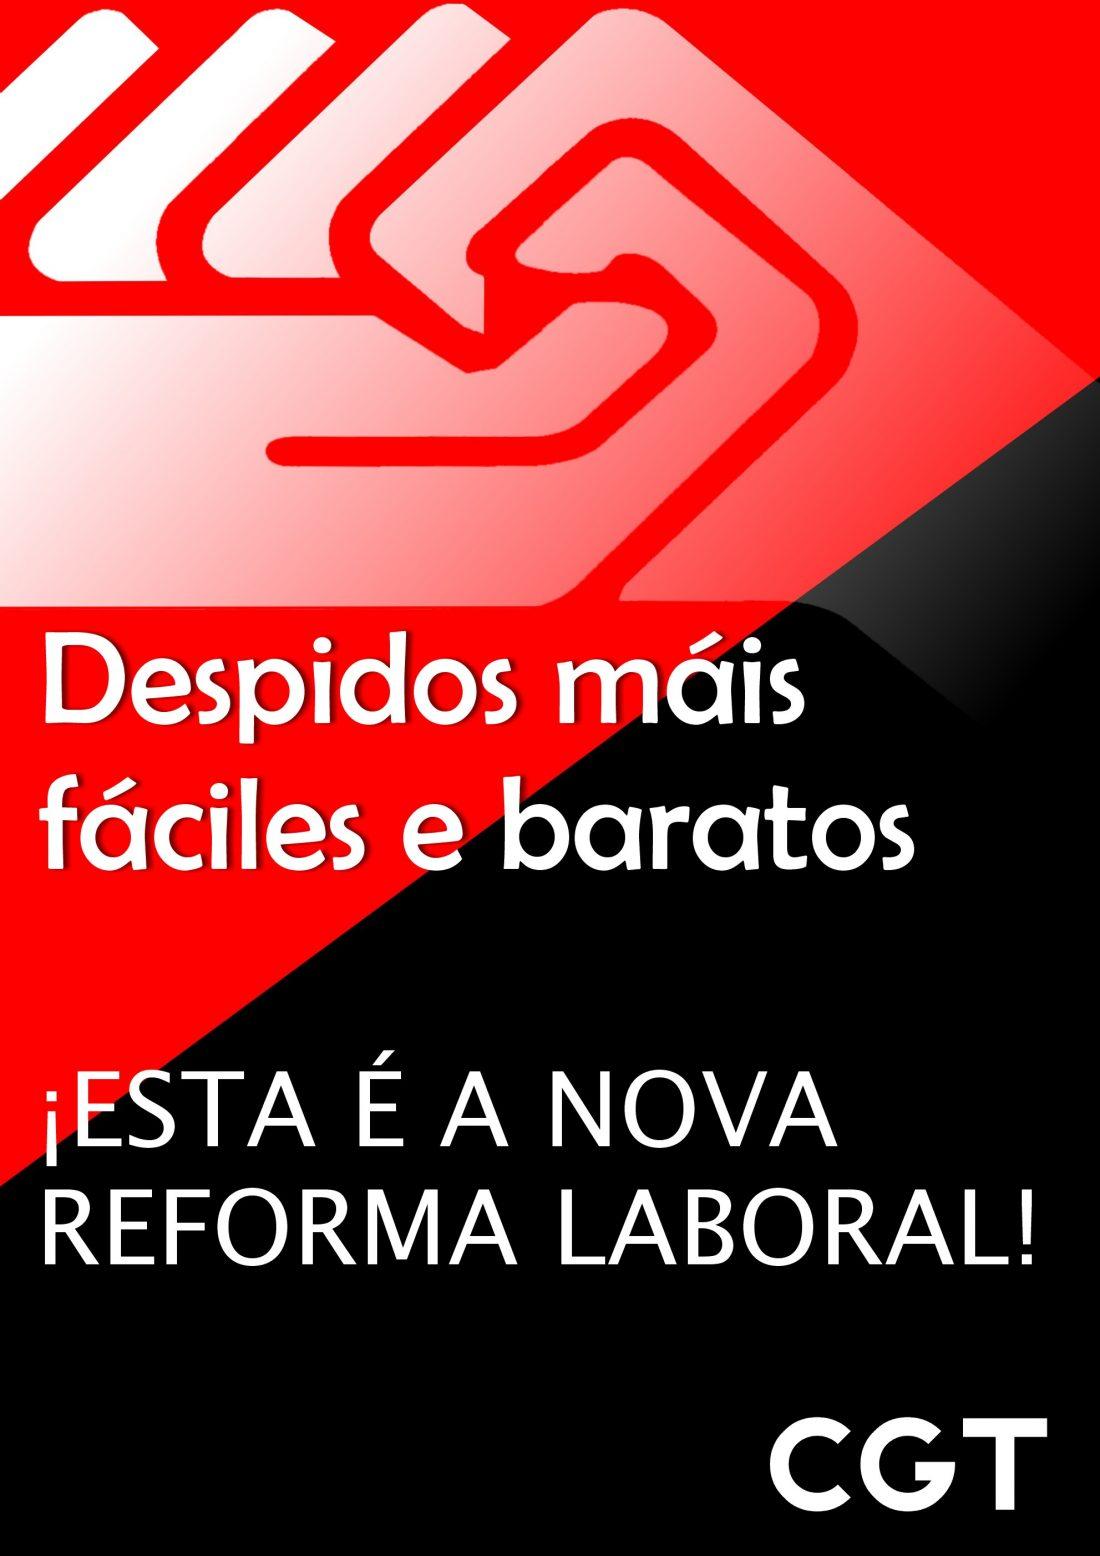 CGT A Coruña inicio una campaña informativa contra la reforma laboral